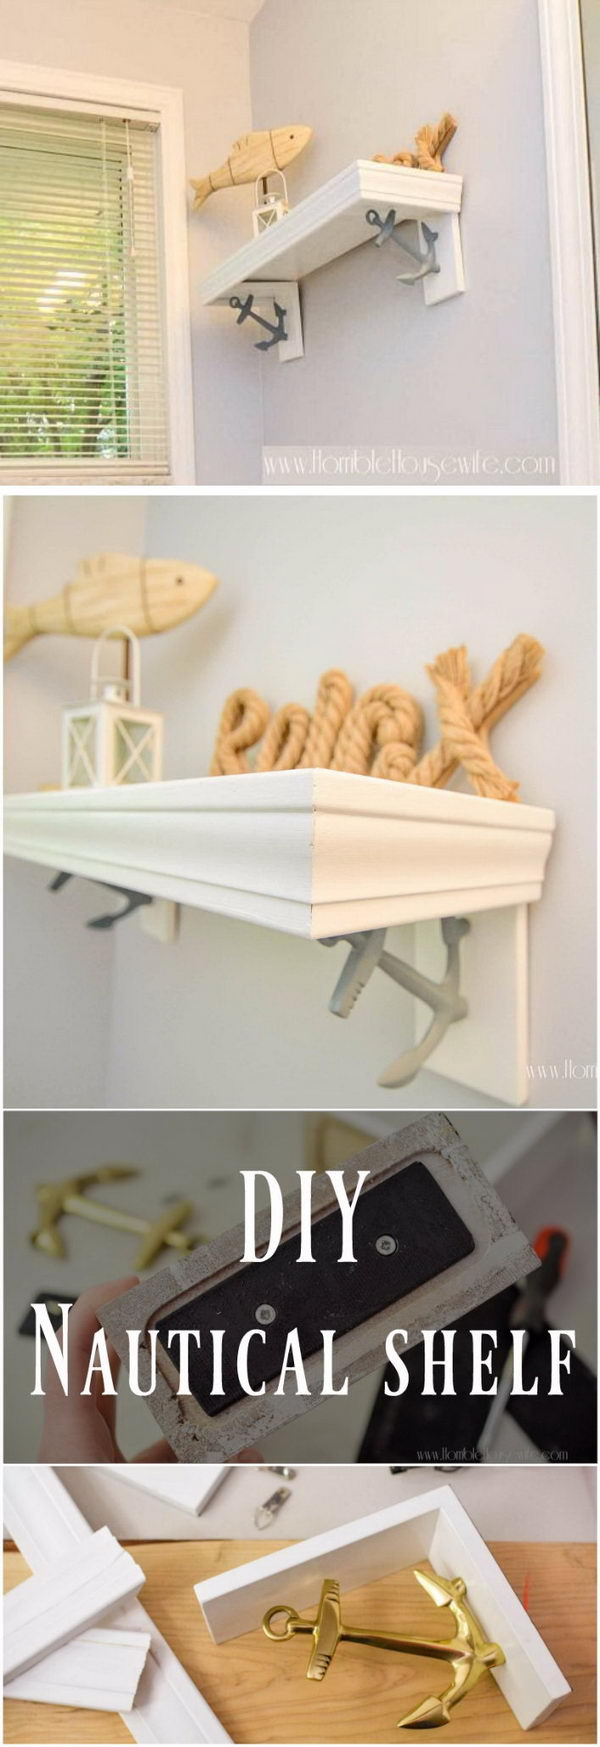 Nautical Bathroom Shelf Using Anchor Bookends.